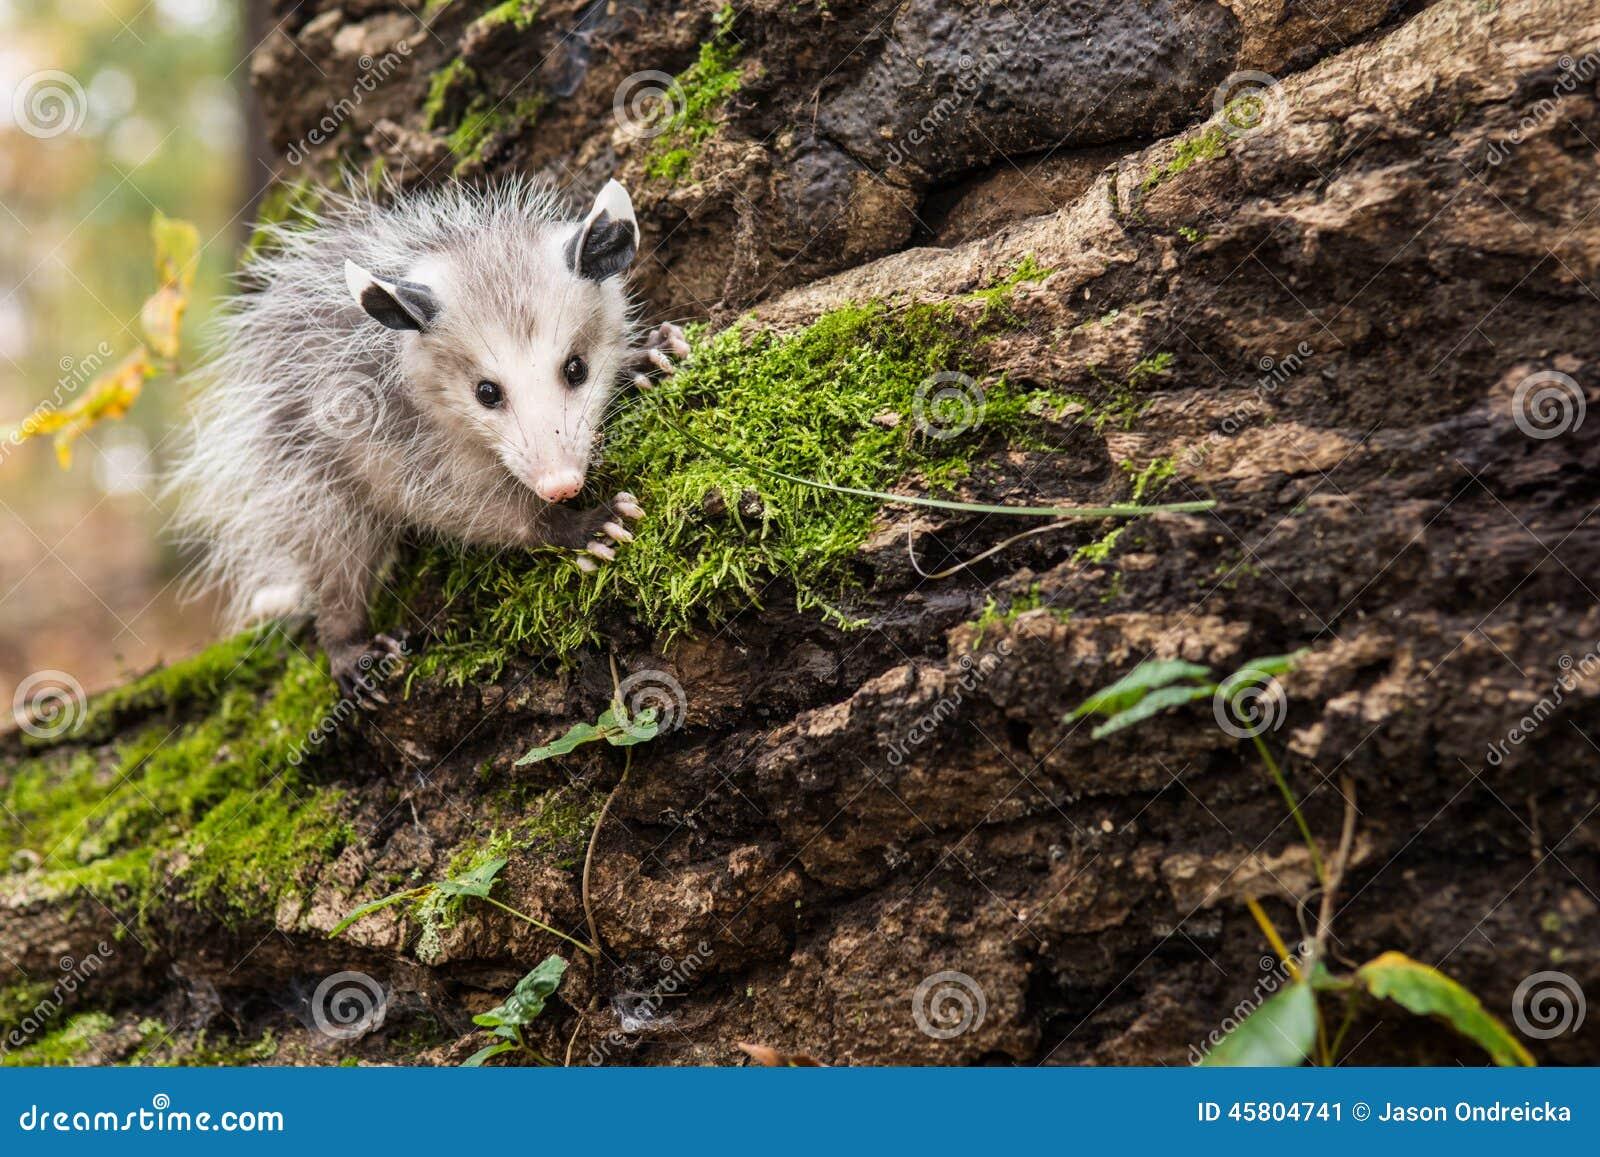 Babyopossum